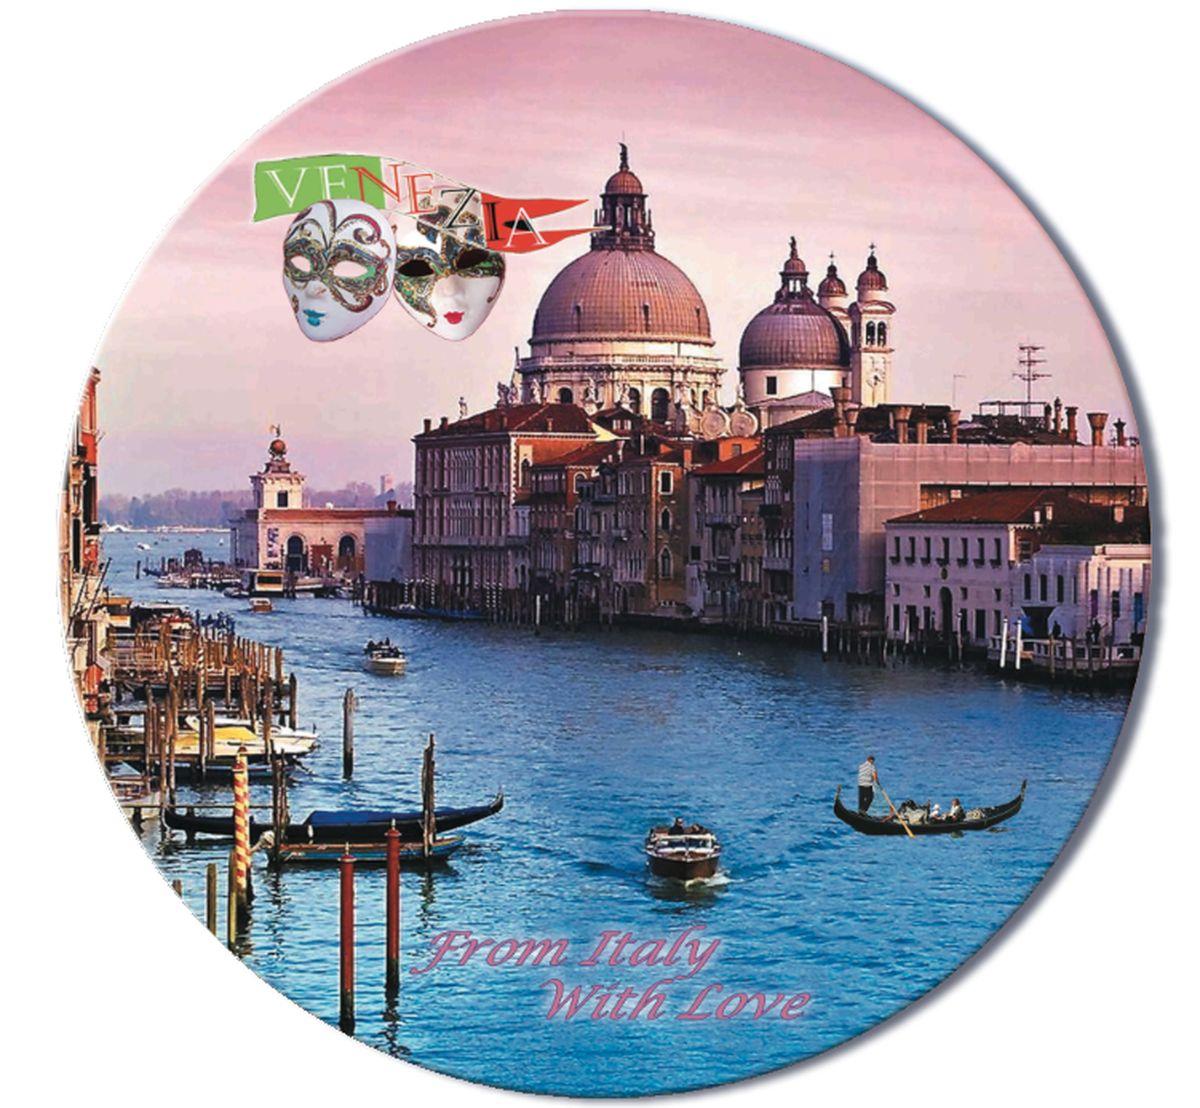 Доска разделочная GiftnHome Венеция, стеклянная, диаметр 19 смRCB-VeneziaРазделочная доска GiftnHome Венеция выполнена из жароустойчивого стекла. Изделие, украшенное красочным изображением, идеально впишется в интерьер современной кухни. Специальное покрытие вкладыша обеспечивает стойкость к влаге и высоким температурам. Изделие легко чистить от пятен и жира. Также доску можно применять как подставку под горячее. Разделочная доска GiftnHome Венеция украсит ваш стол и сбережет его от воздействия высоких температур ваших кулинарных шедевров. Можно мыть в посудомоечной машине. Диаметр доски: 19 см. Толщина доски: 0,4 см.